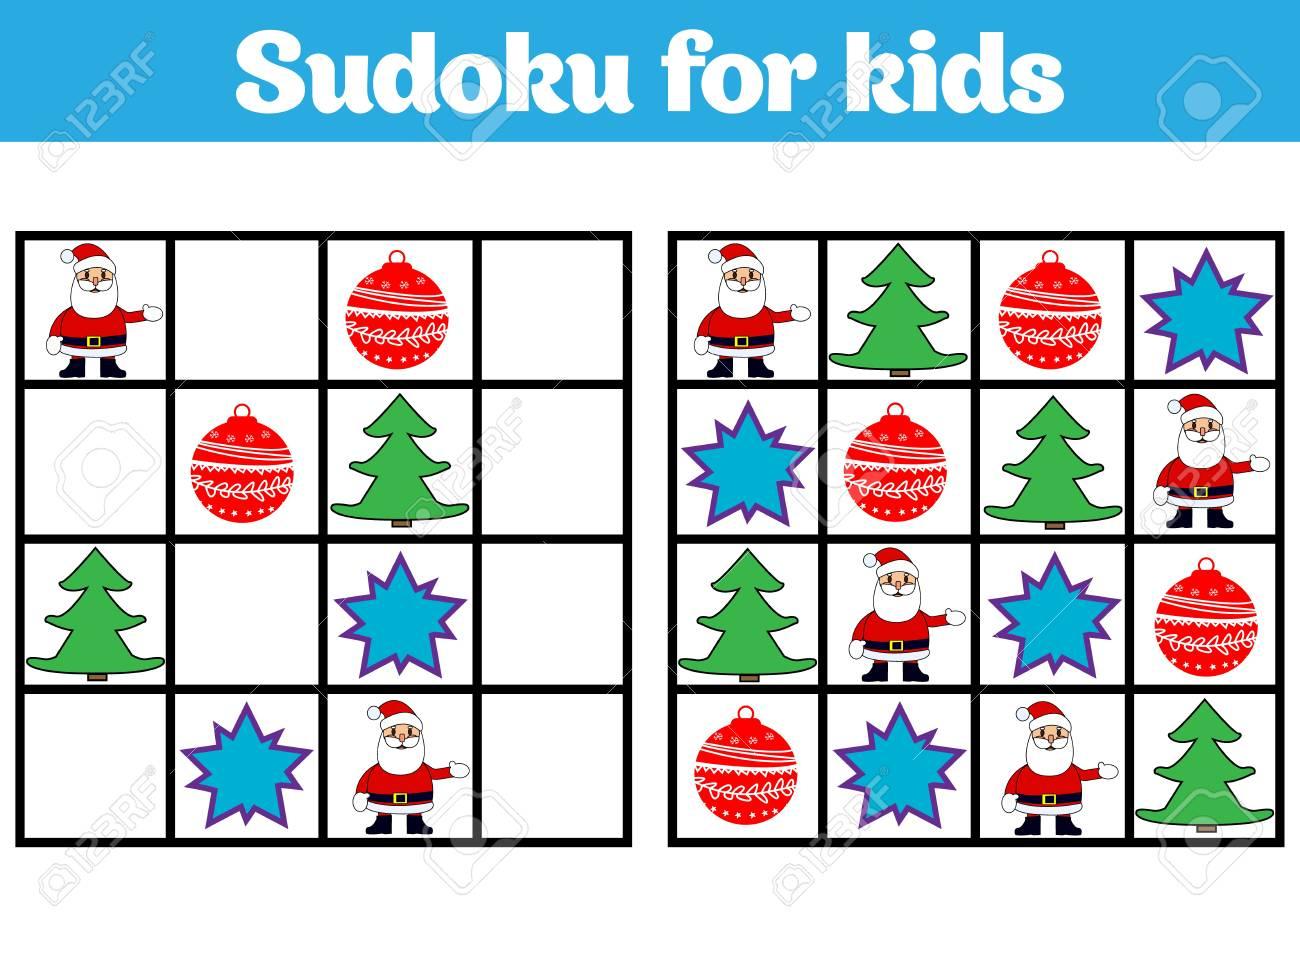 Jeu De Sudoku Pour Les Enfants Avec Des Images. Jeu De Logique Pour Les  Enfants D'âge Préscolaire. Rébus Pour Les Enfants. Illustration Vectorielle  De serapportantà Jeu Logique Enfant